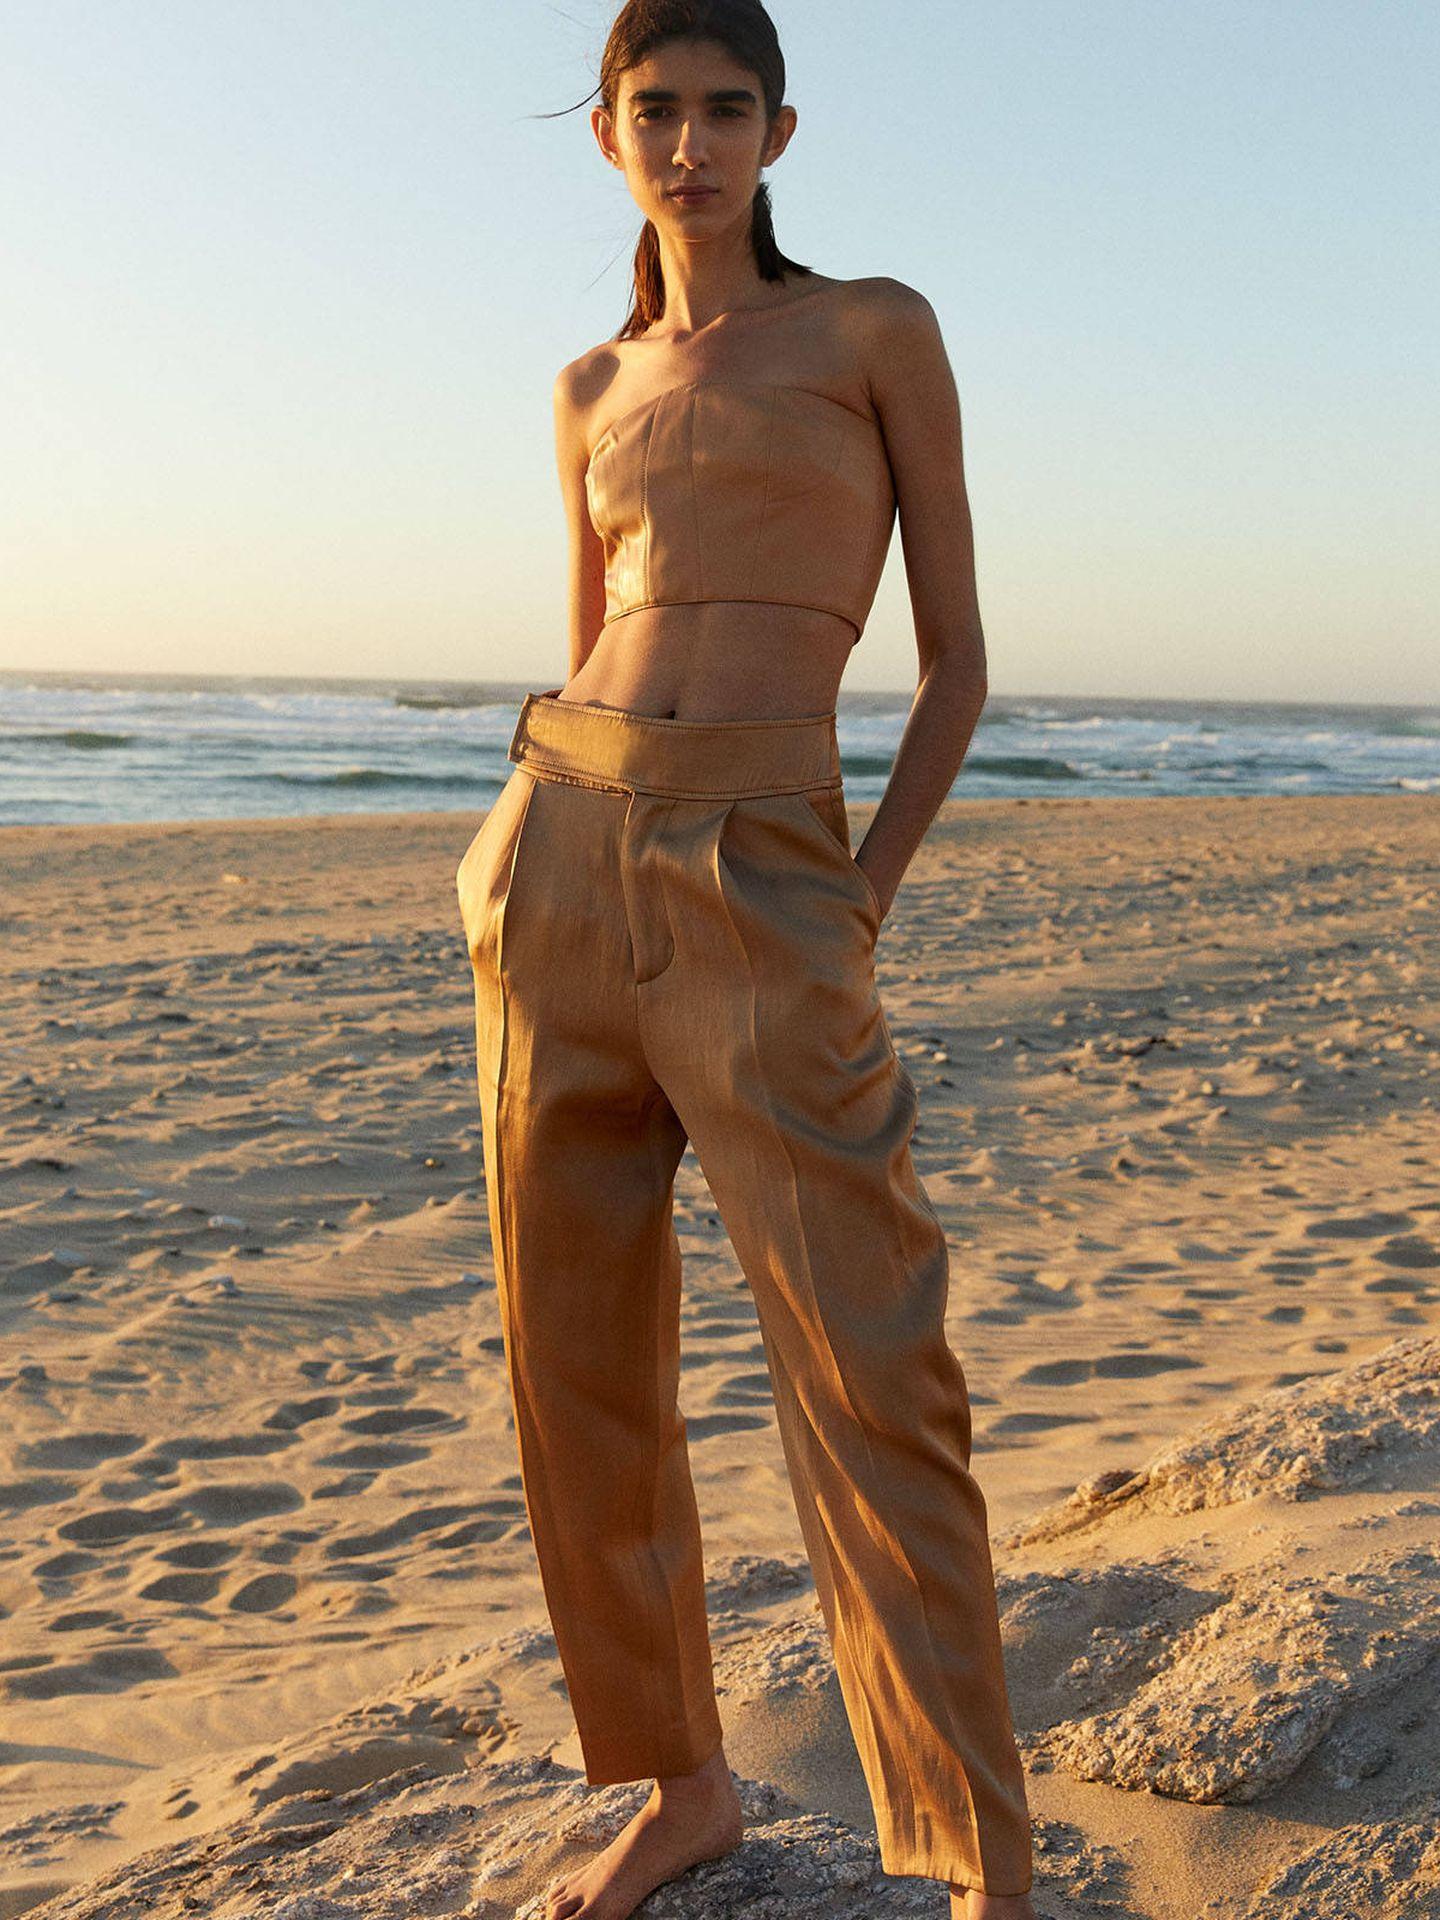 Pantalón de lino satinado de Sfera. (Cortesía)